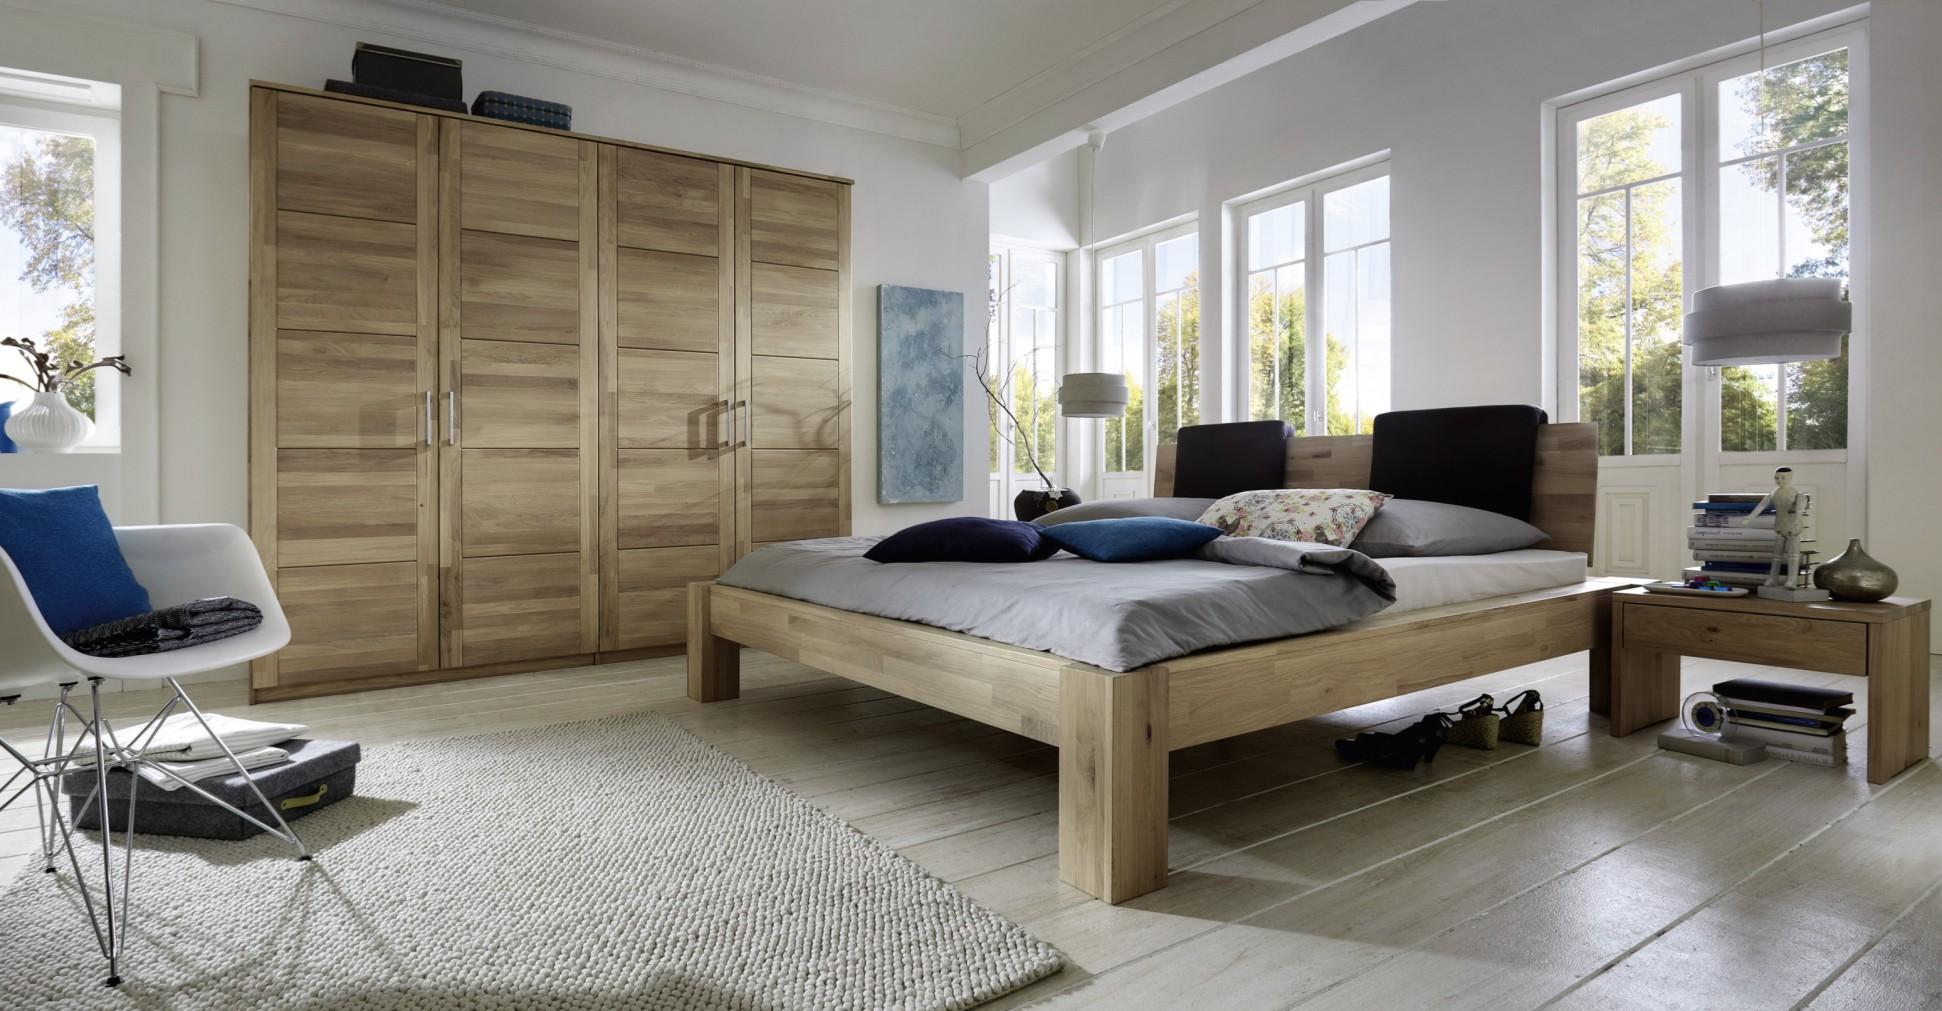 Full Size of Günstige Schlafzimmer Naturbelassene Massivholzbetten Massivholzschlafzimmer In Sessel Wandtattoos Tapeten Sitzbank Kommode Massivholz Wandlampe Kommoden Schlafzimmer Günstige Schlafzimmer